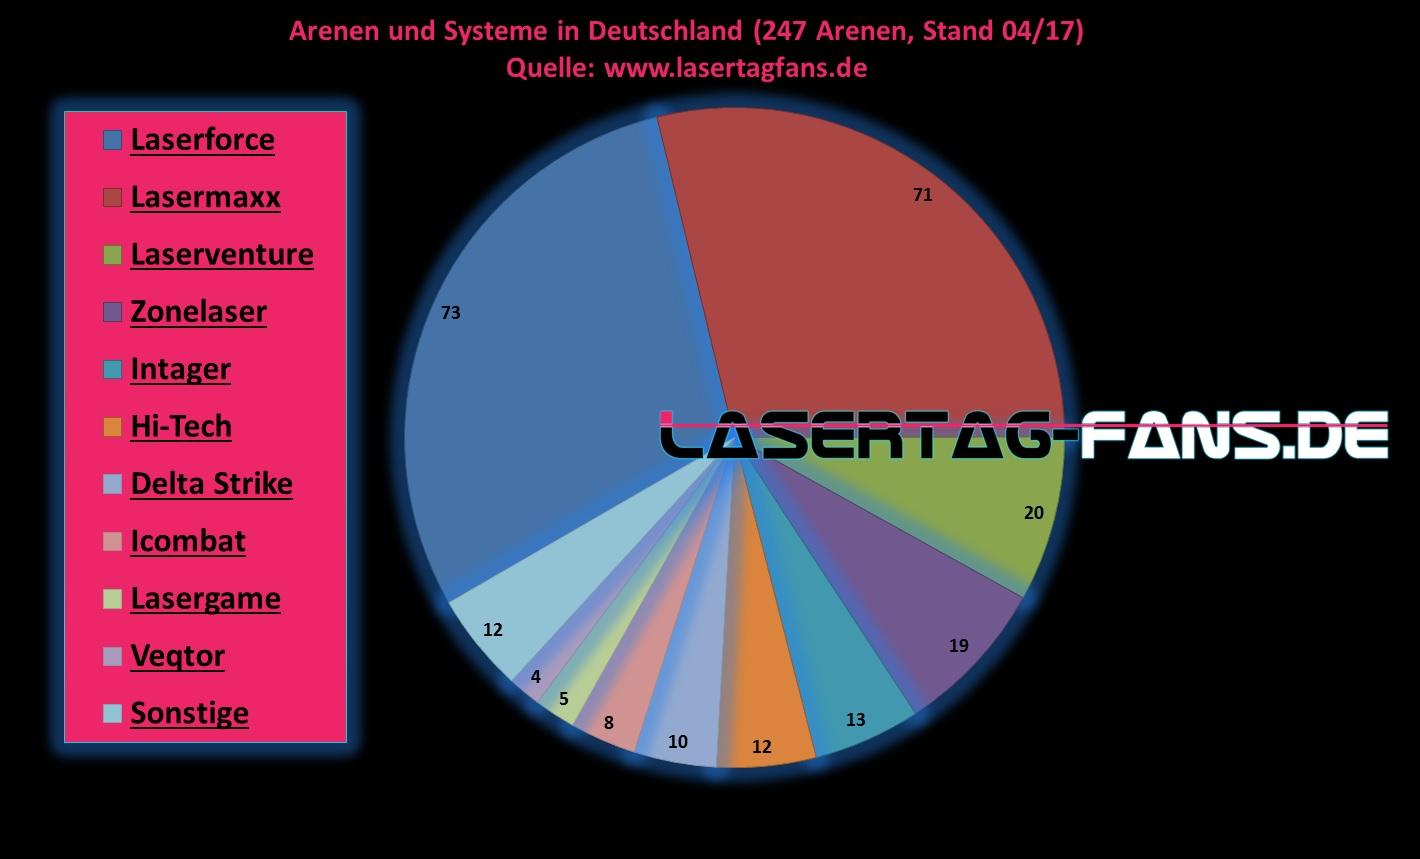 Verteilung der Lasertag Anlagen in Deutschland 04/17